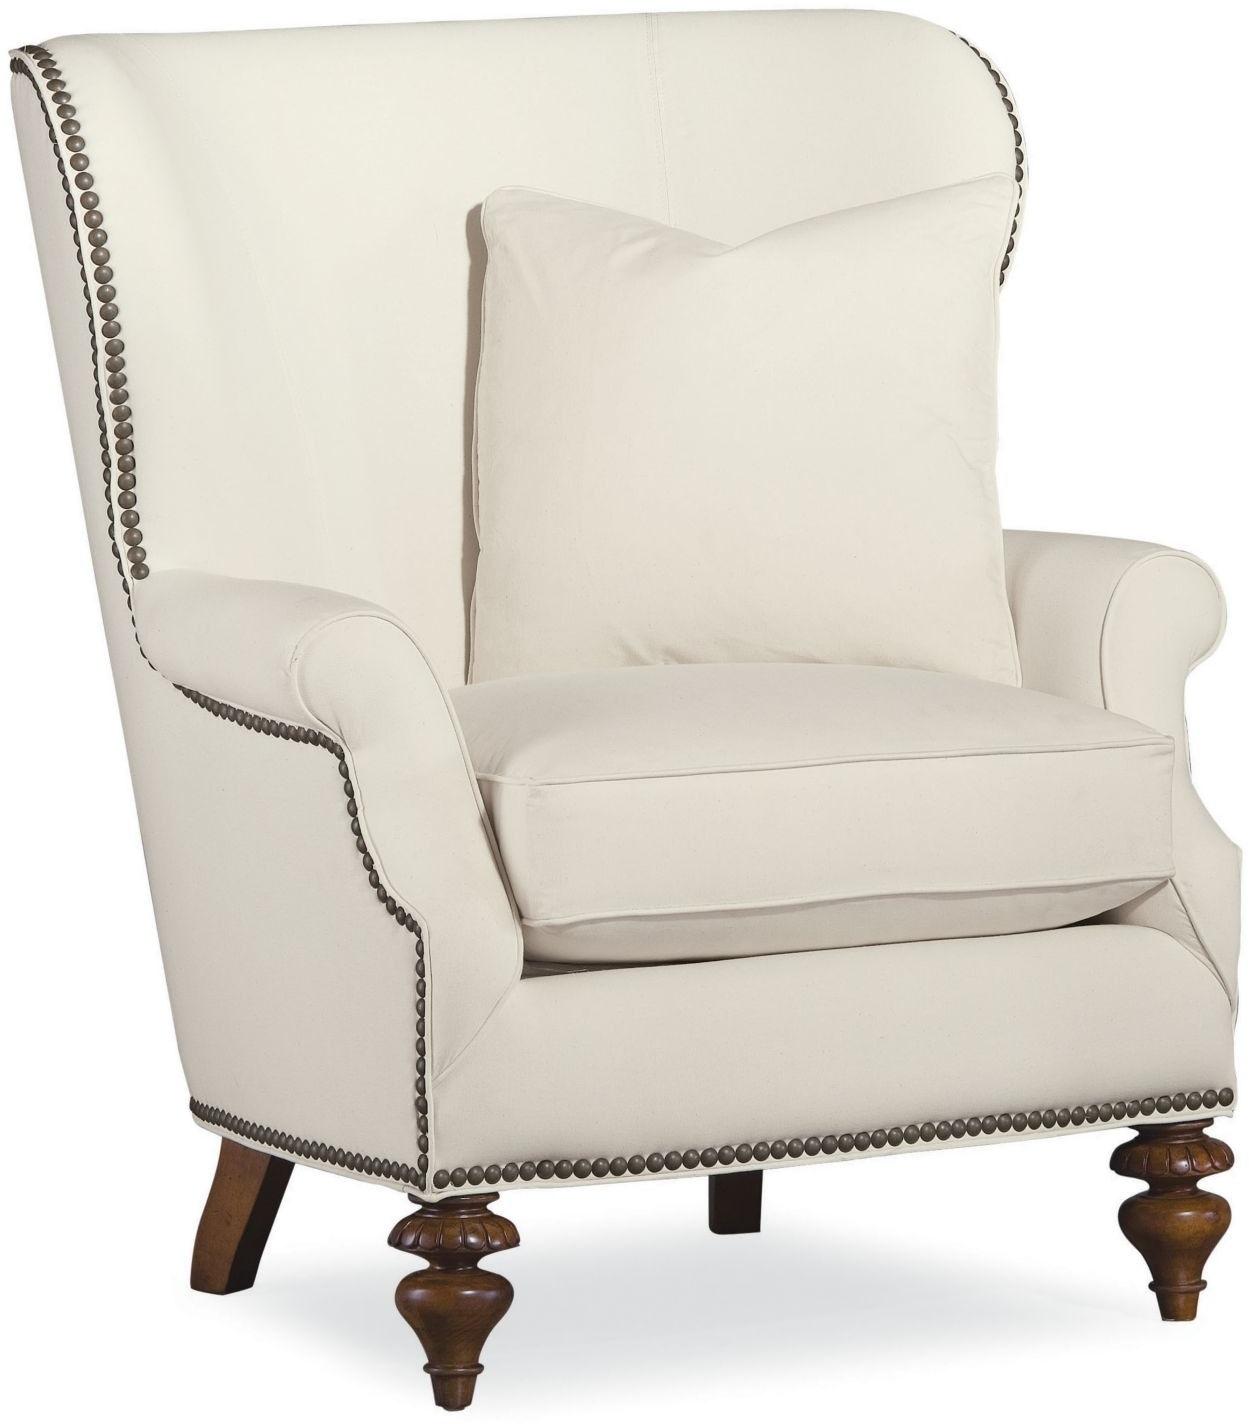 Thomasville Living Room Dinesen Chair 1483 15 Ennis Fine